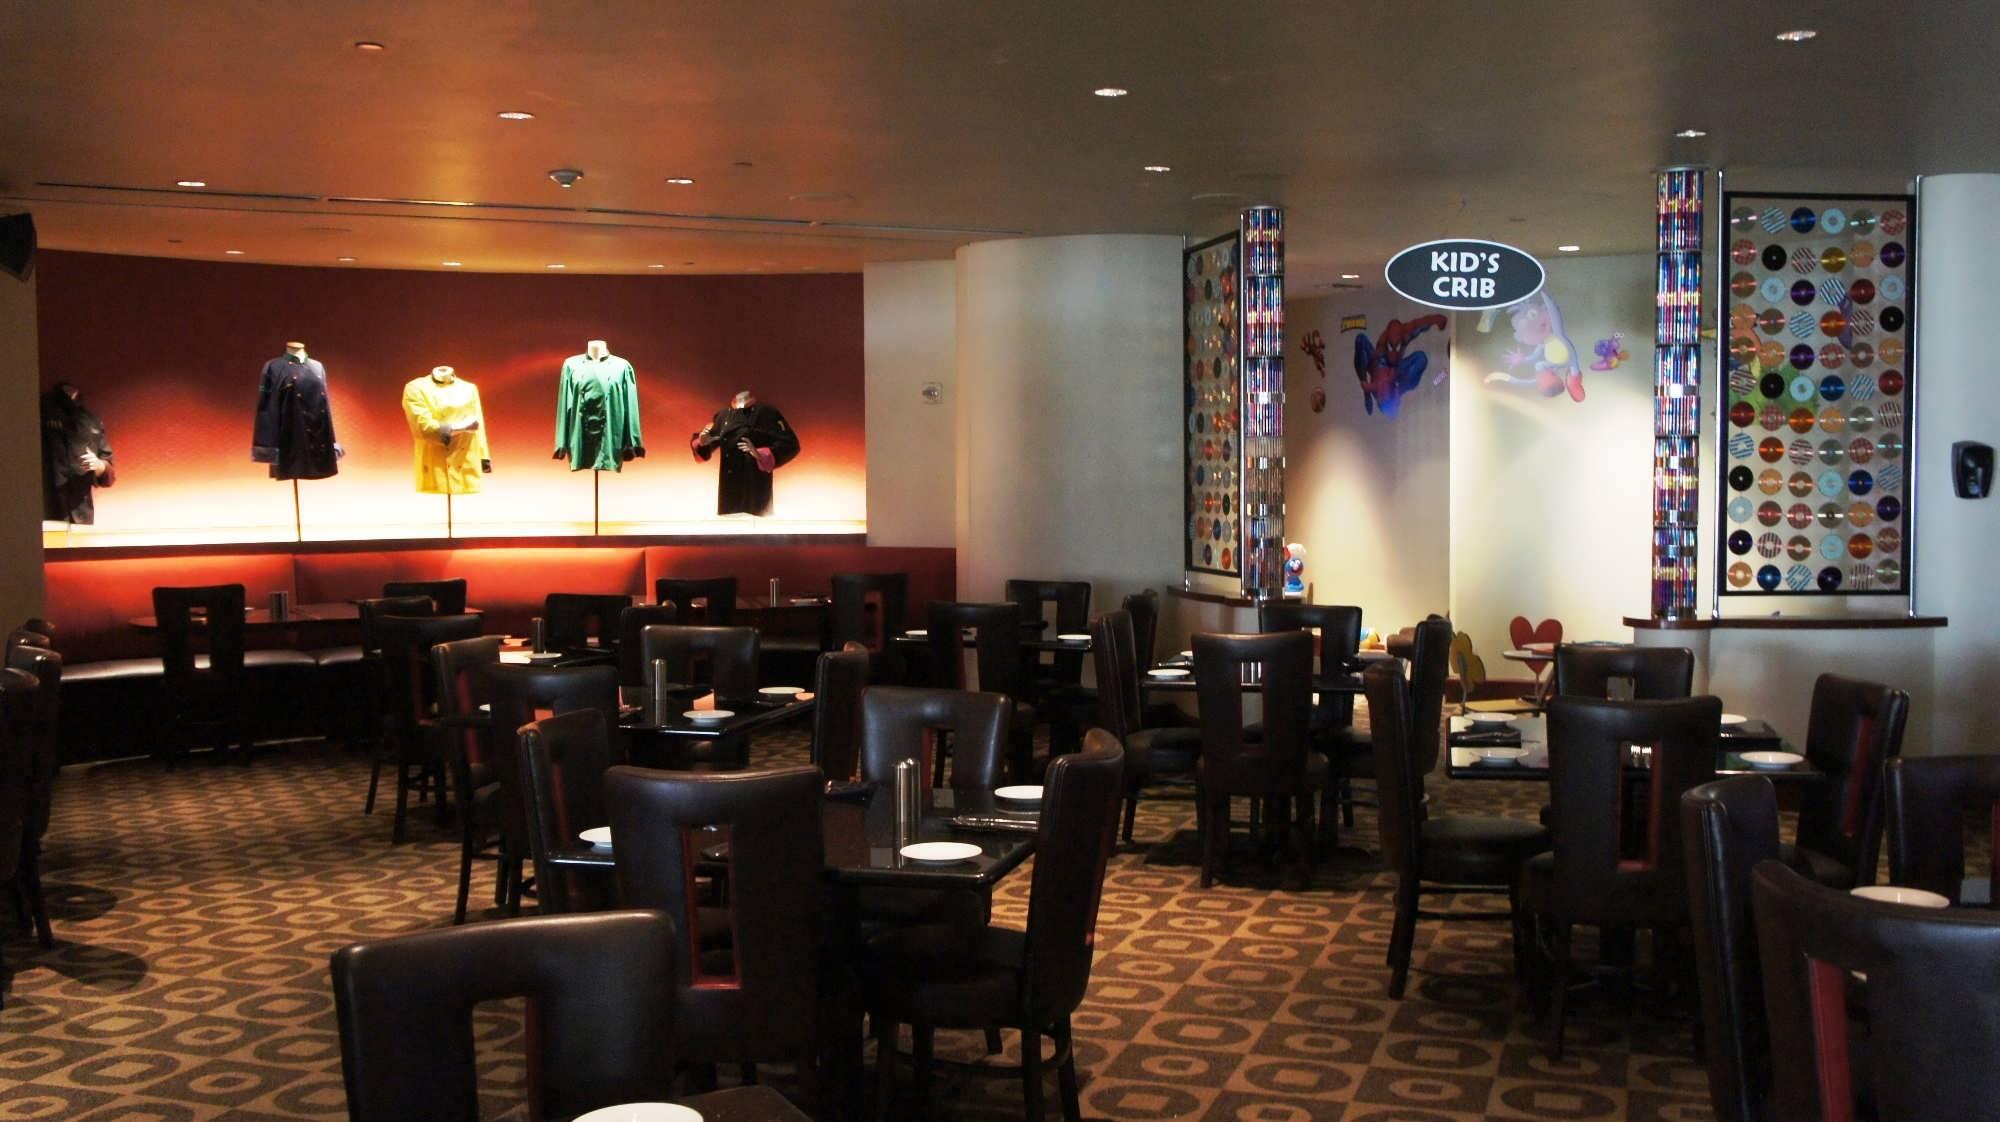 The Kitchen Restaurant at Hard Rock Hotel Orlando